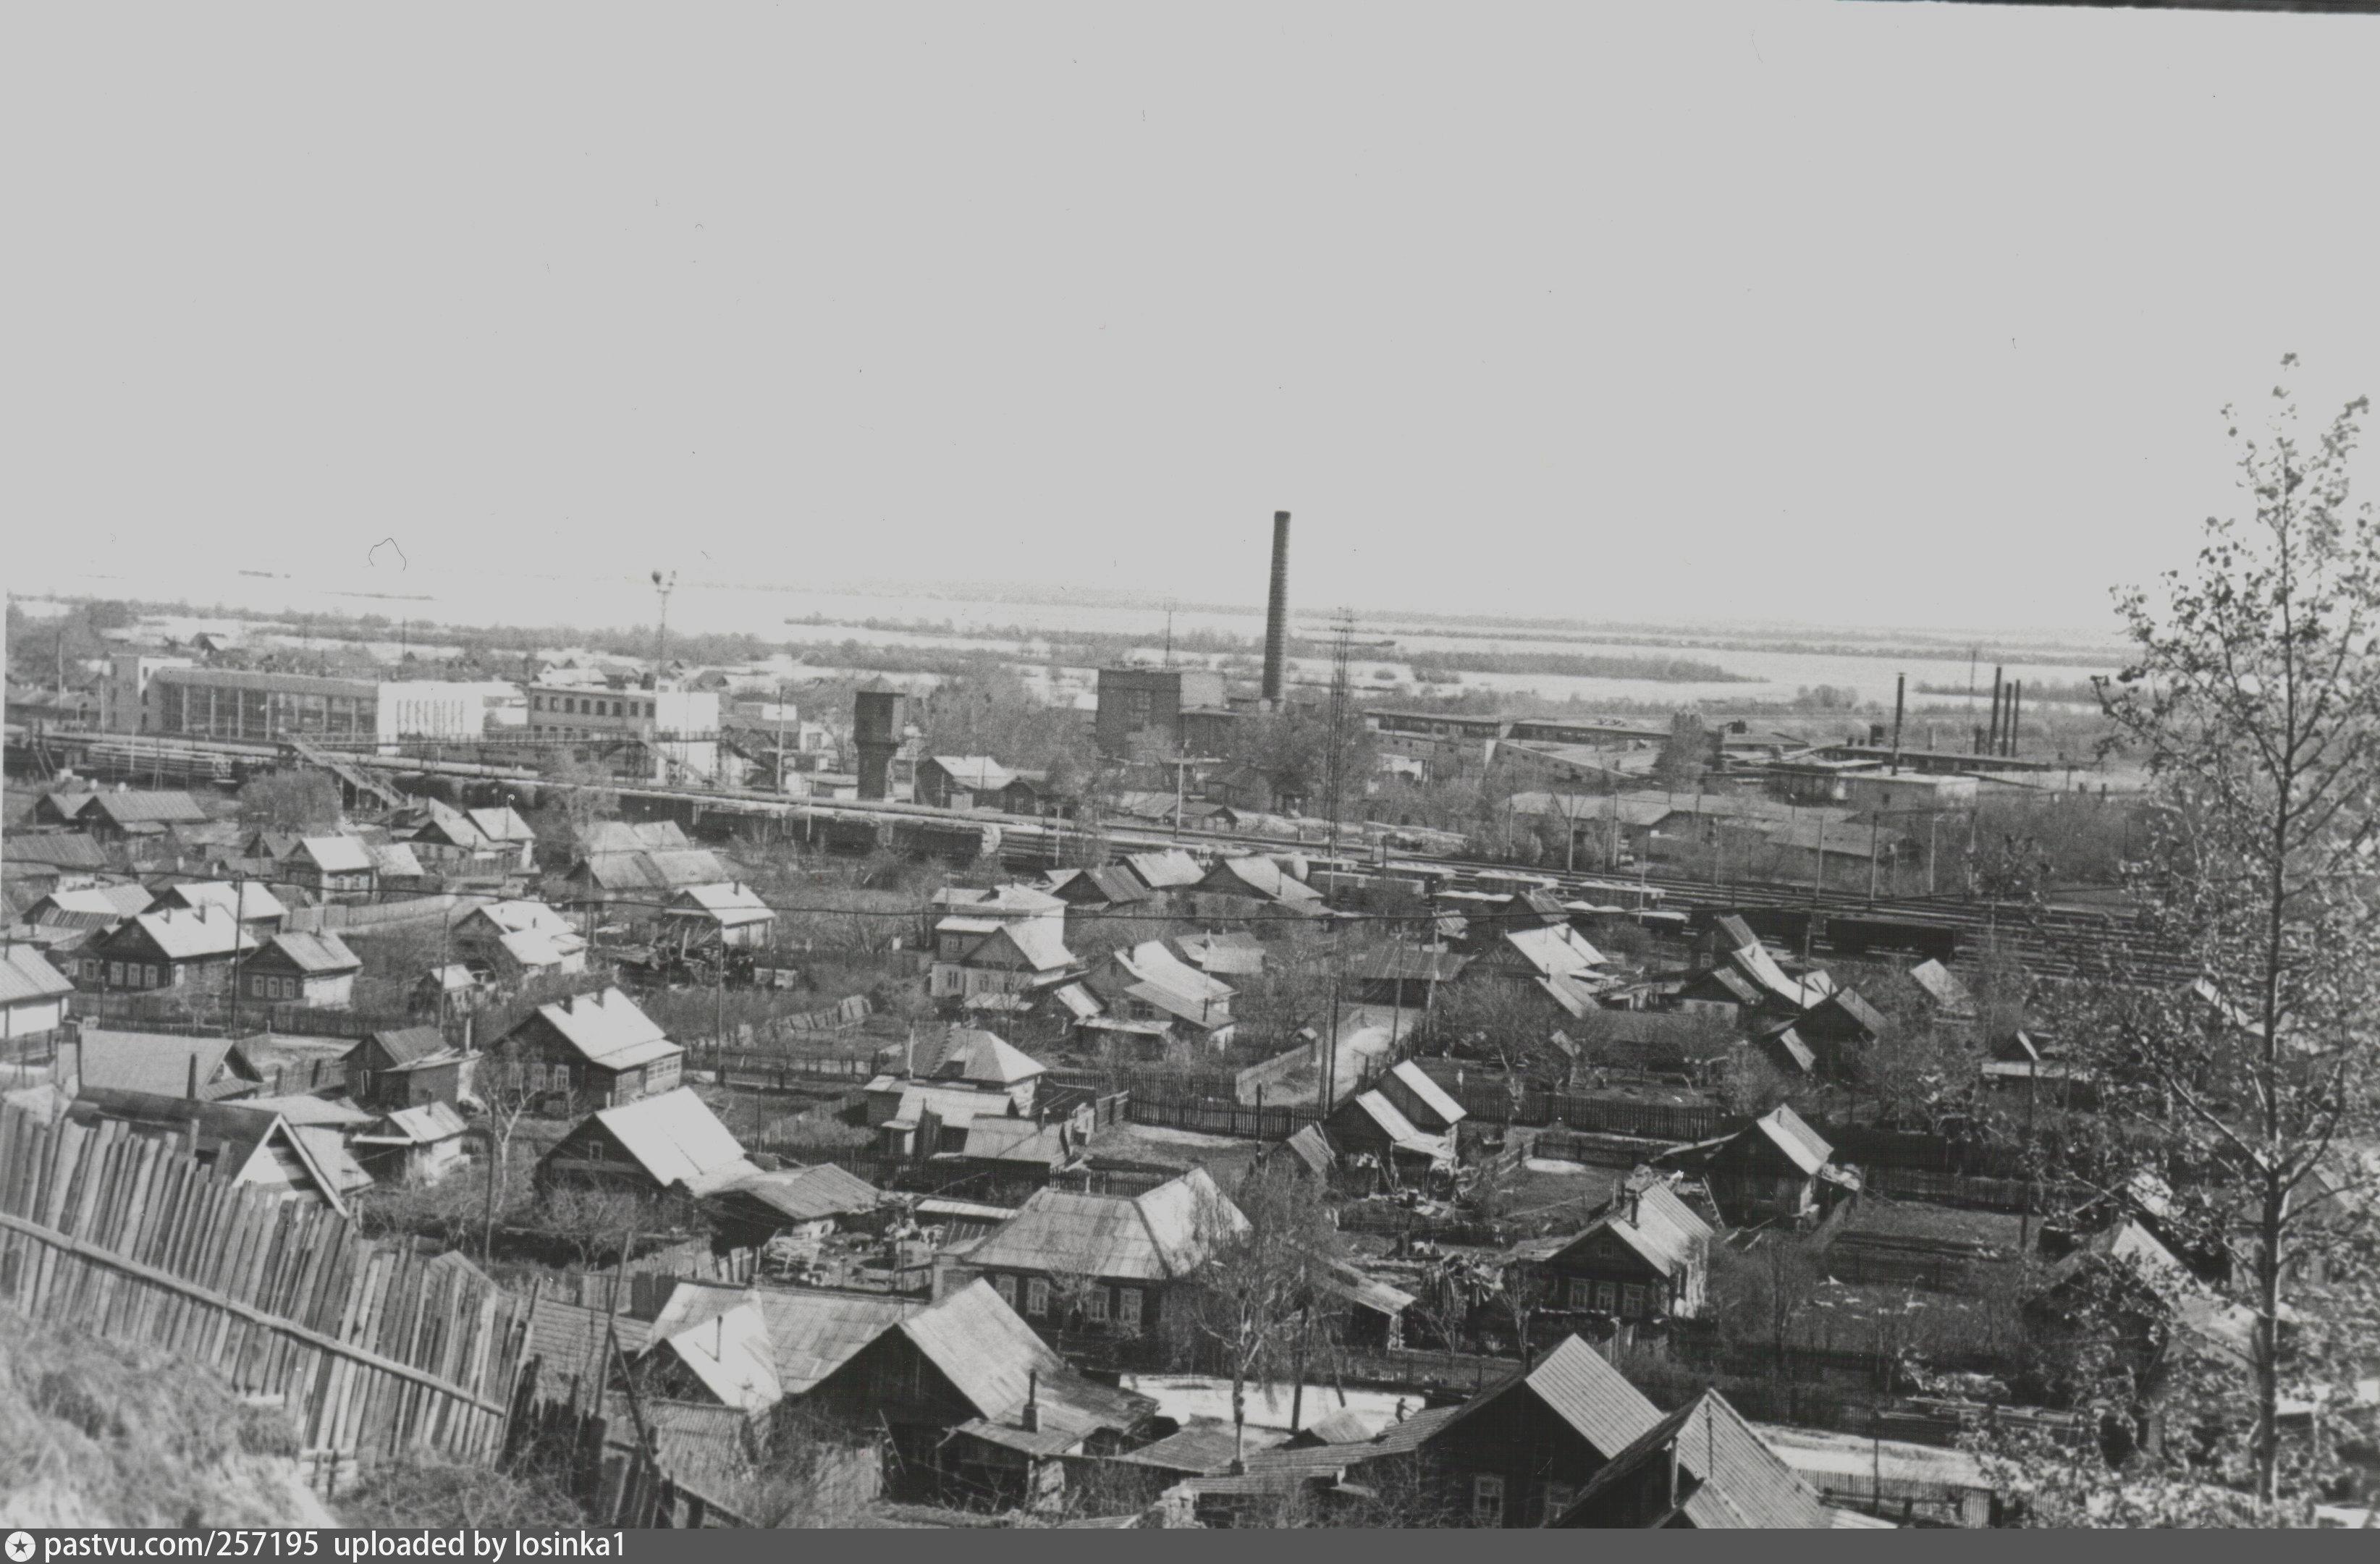 Картинки станицы стародеревянковской был